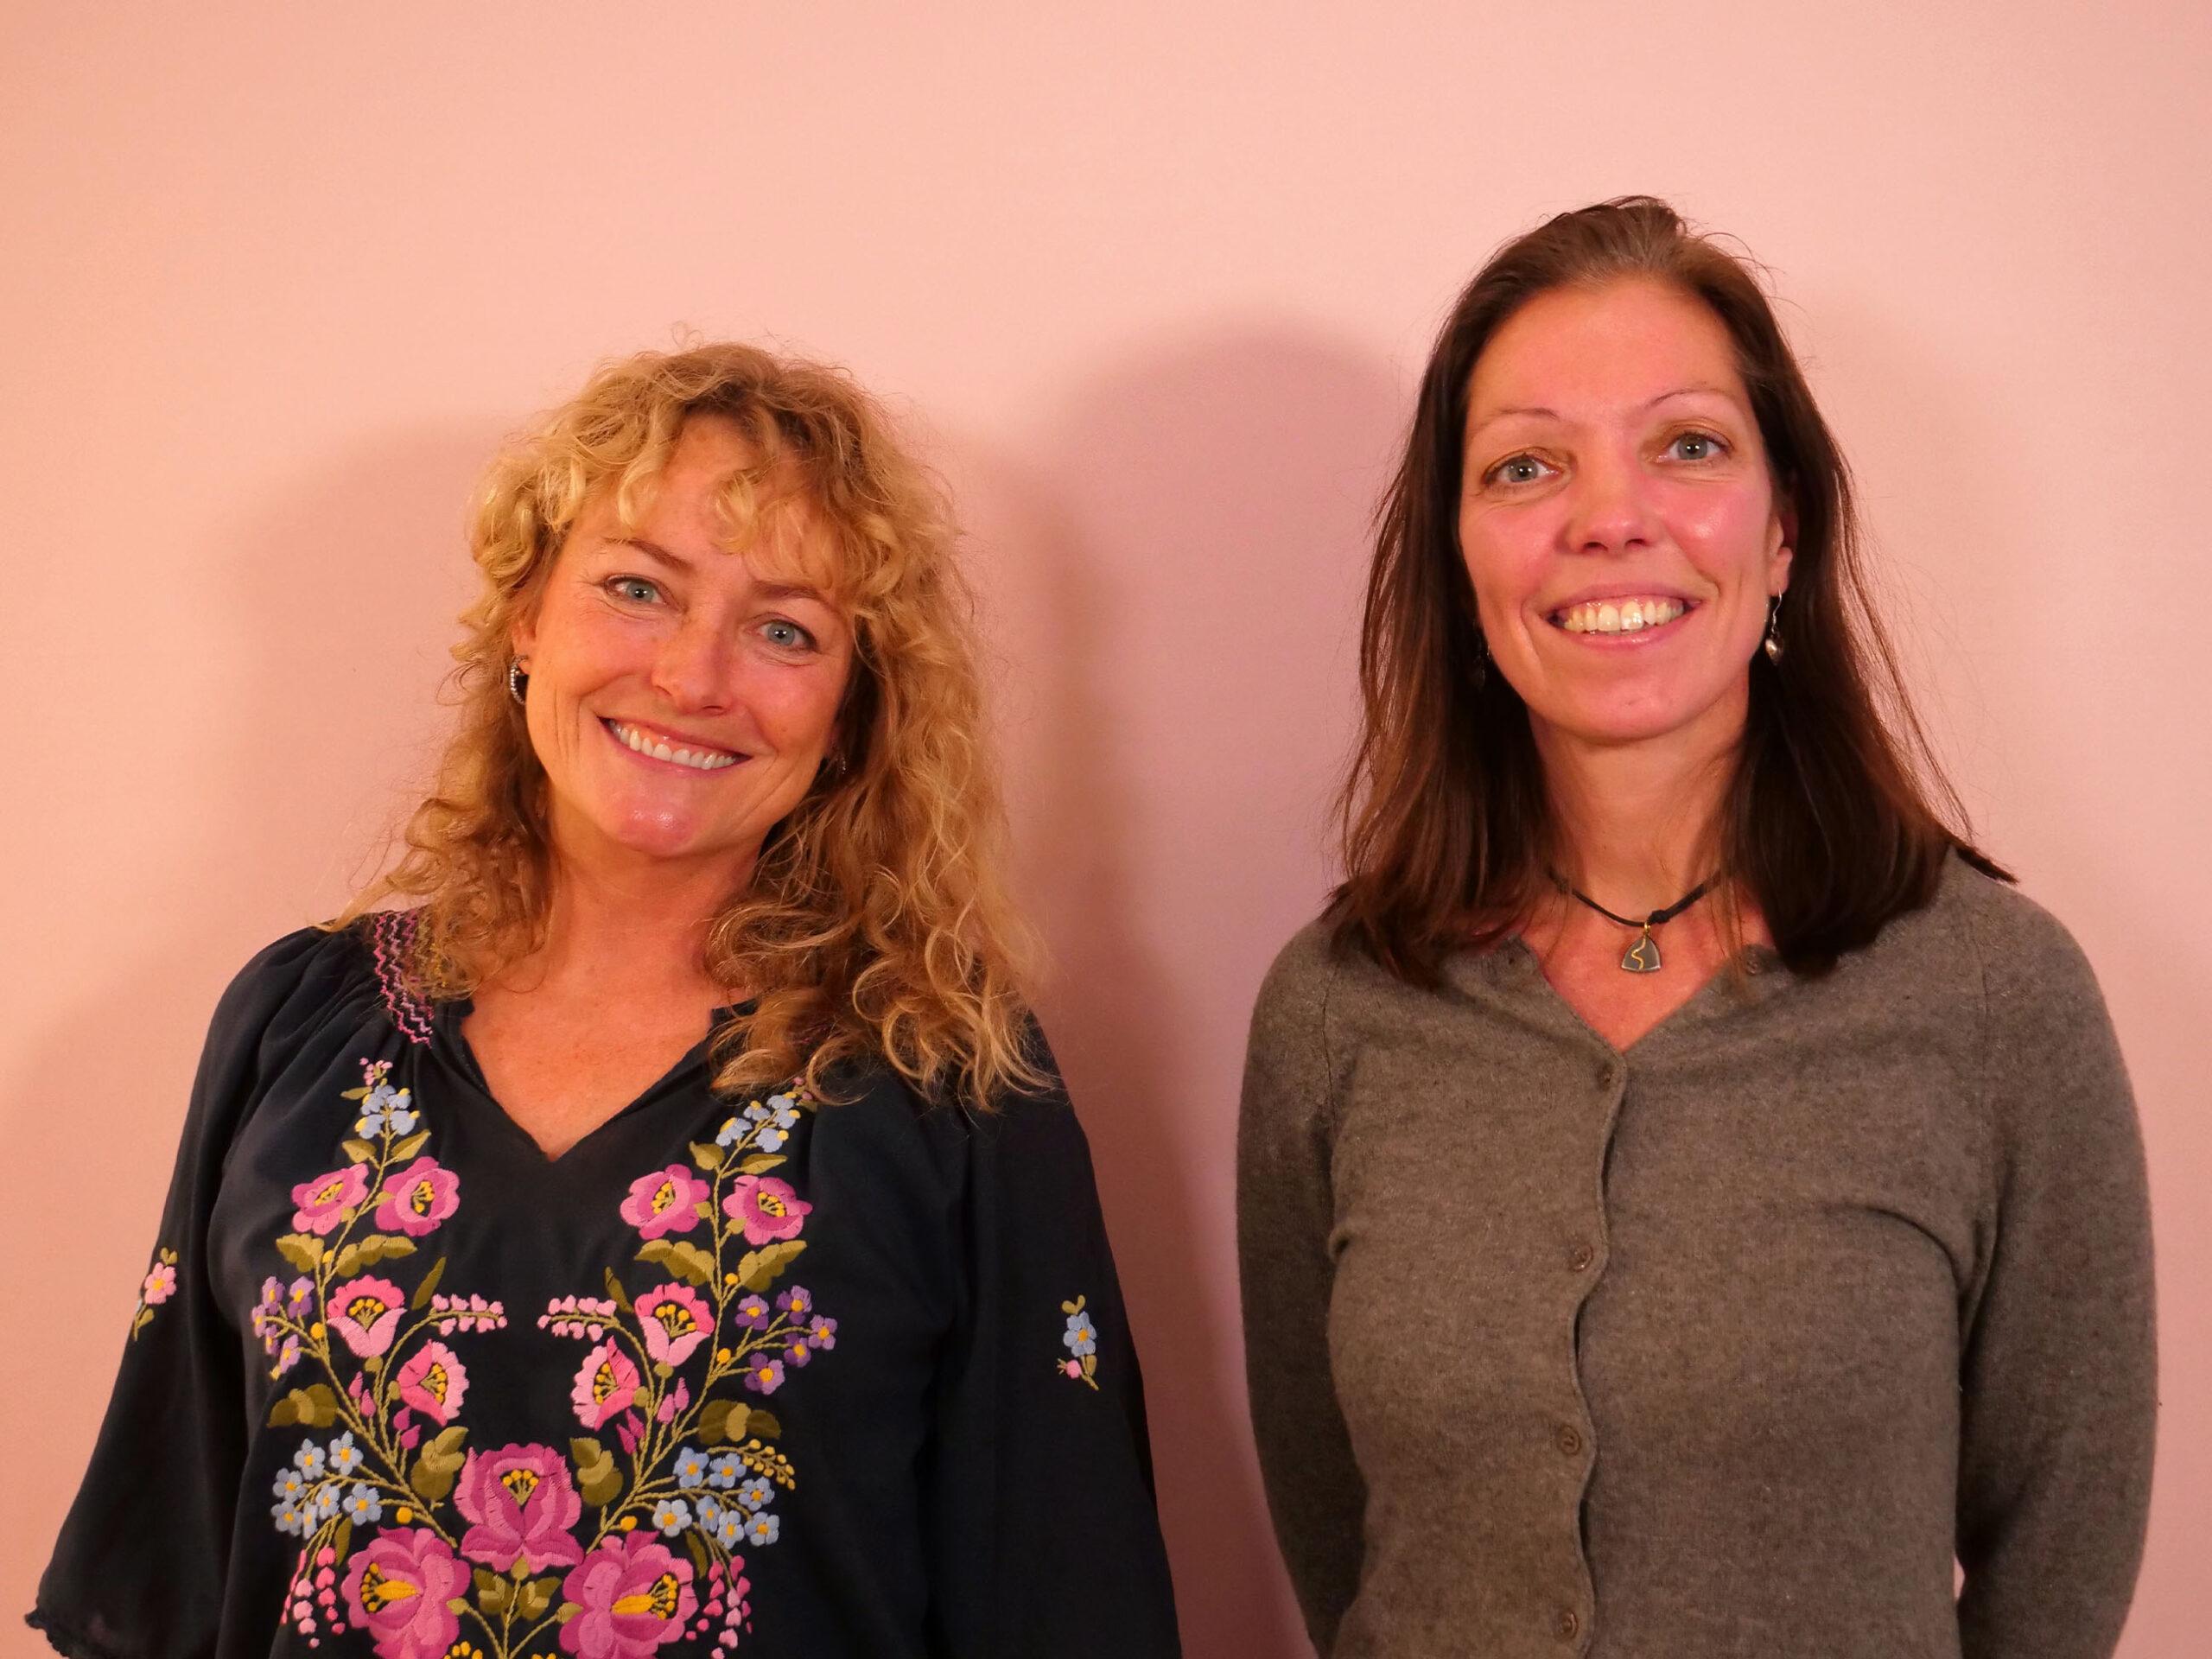 Maise Njor og Gitte Holtze til Storydays